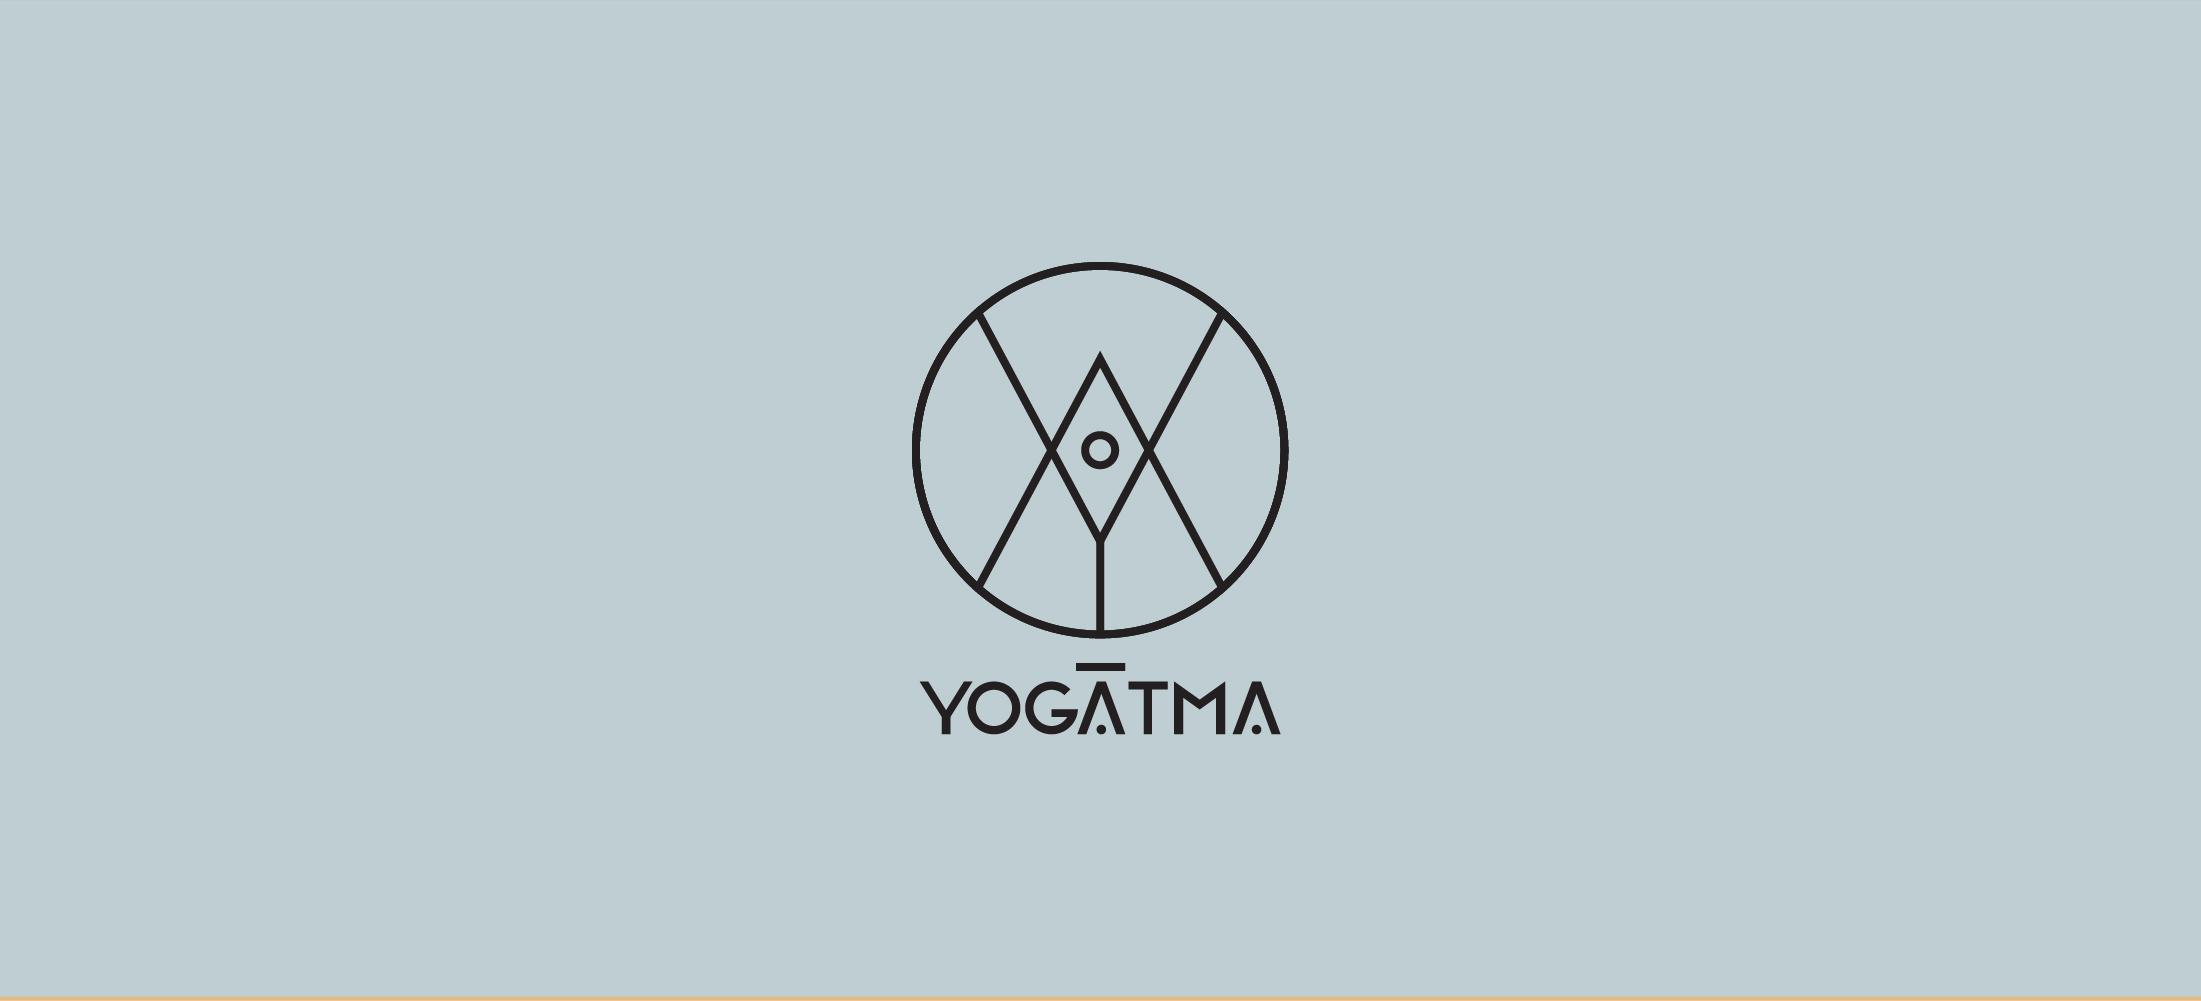 yogatma